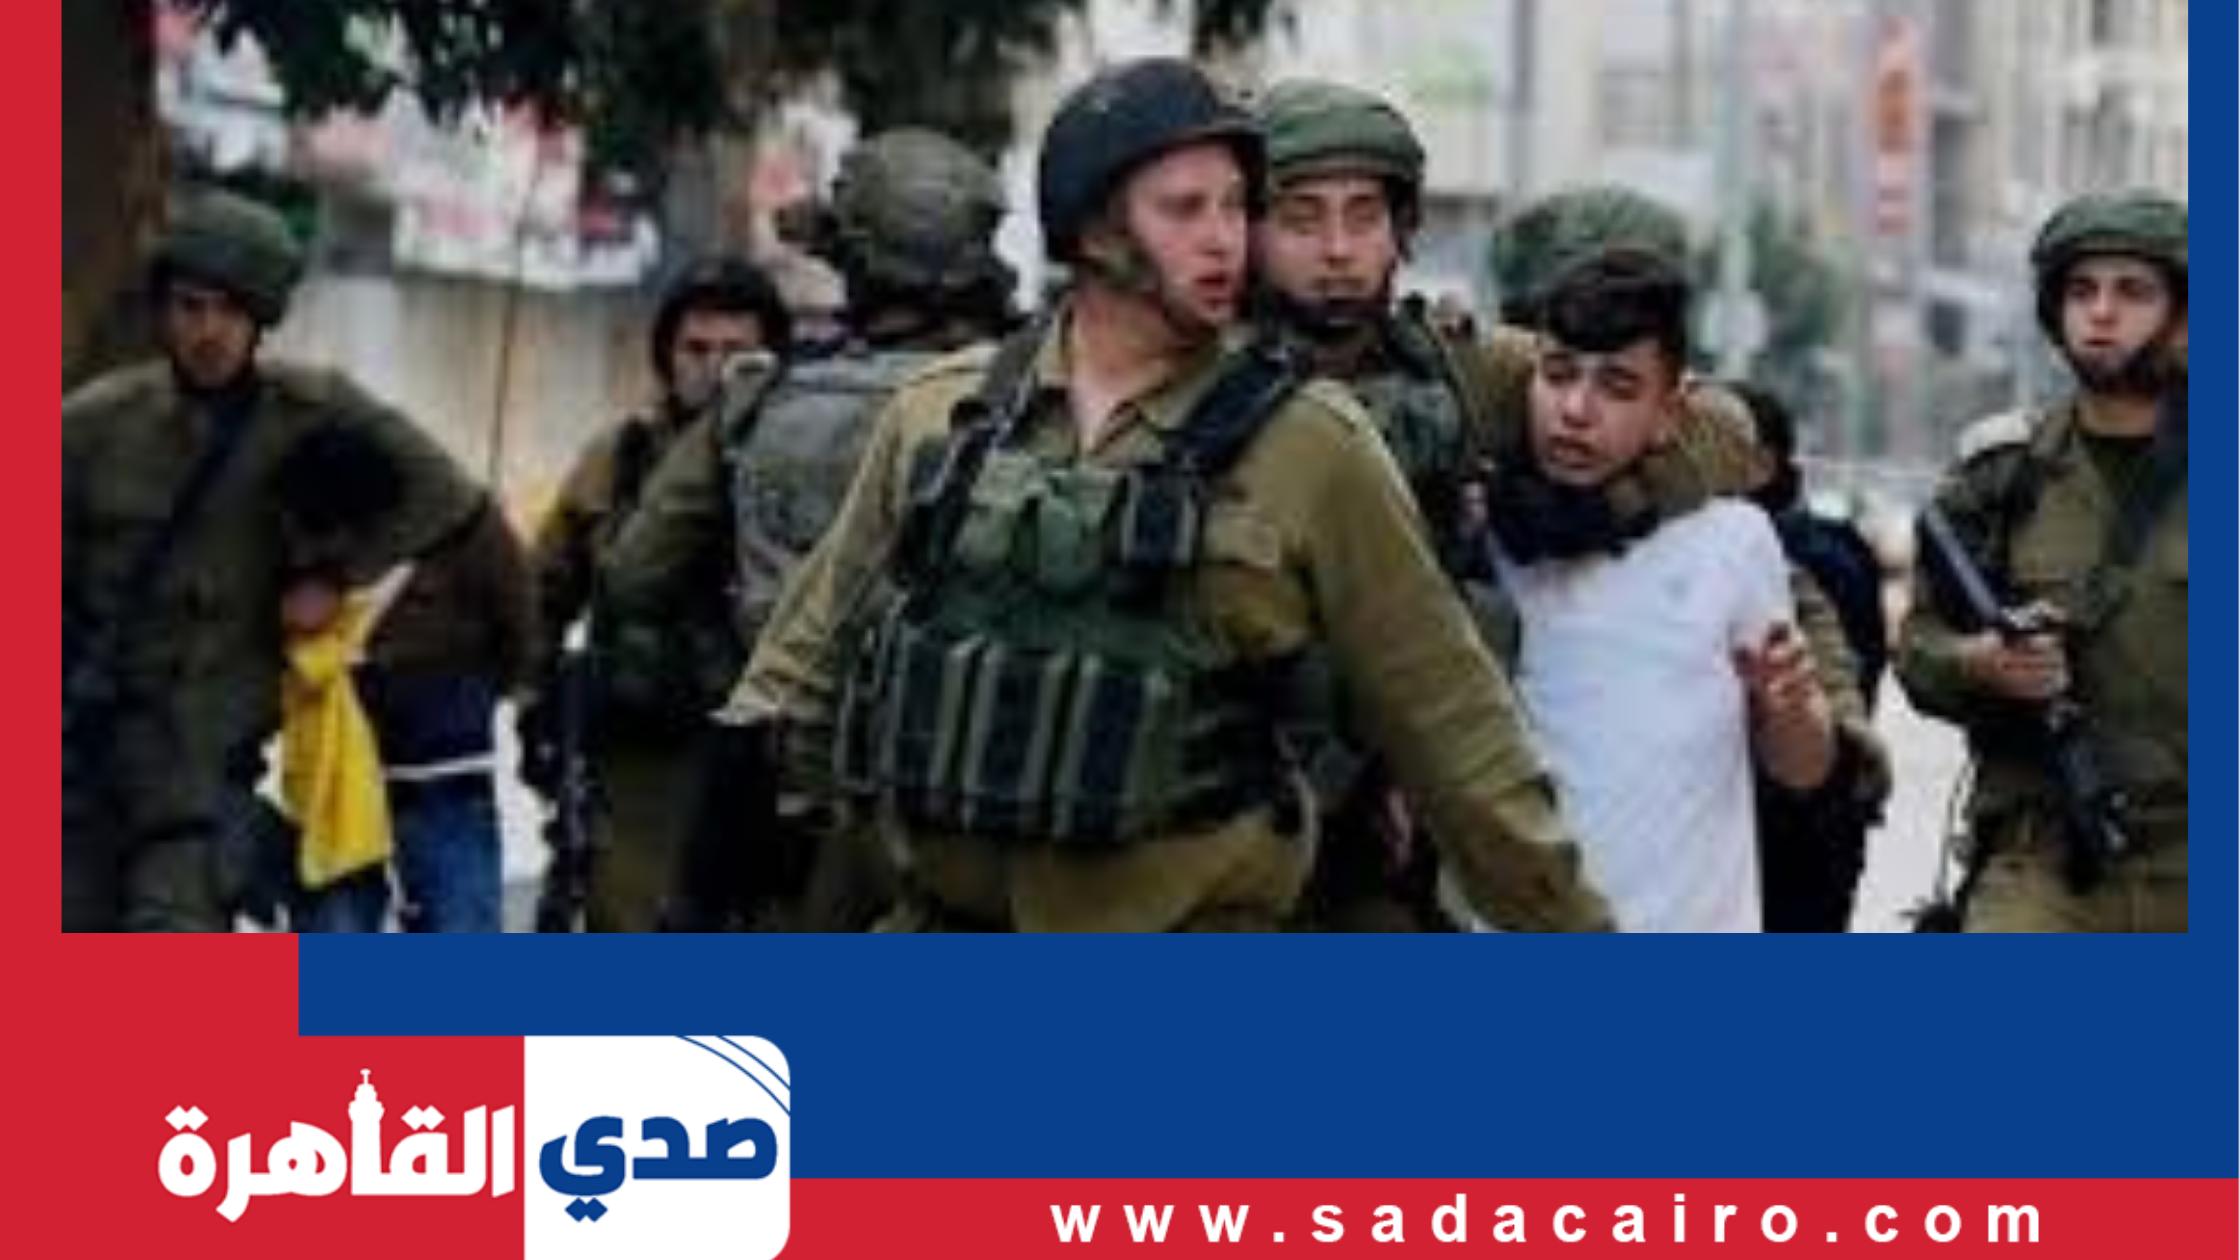 قوات الاحتلال الإسرائيلي تقتل فلسطينيا في الضفة الغربية